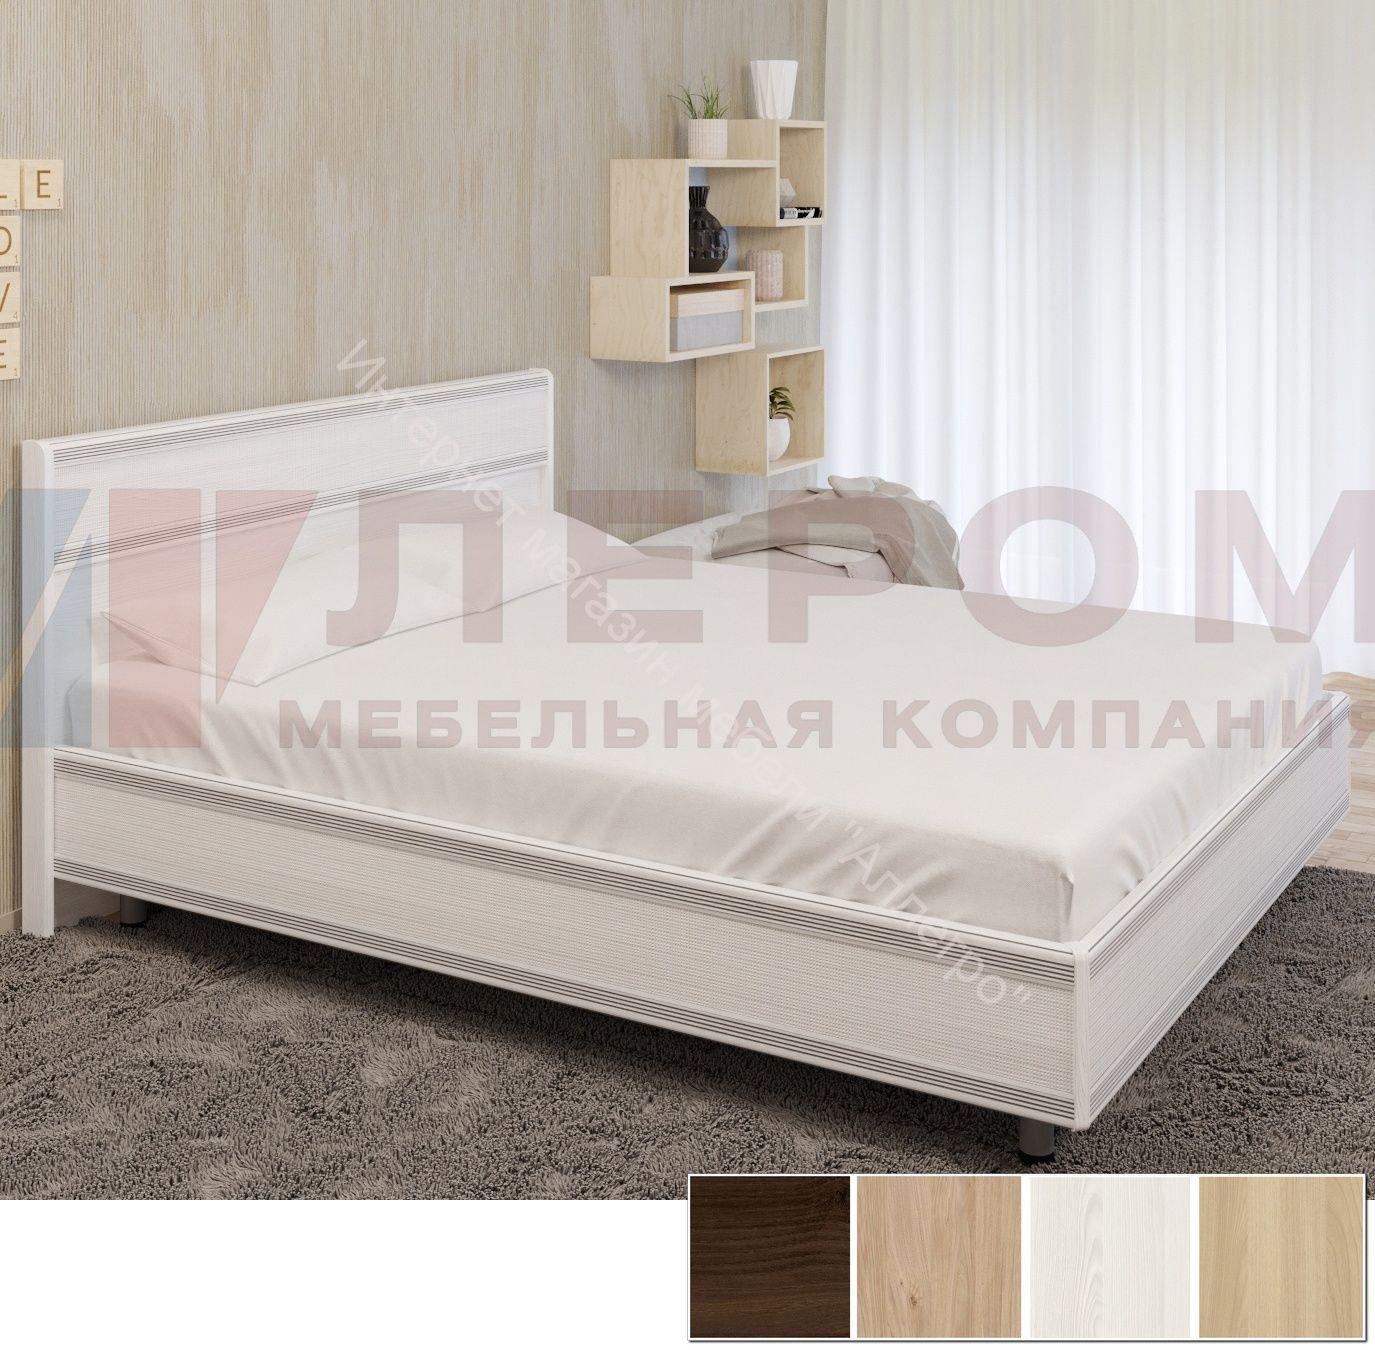 Кровать КР-2002 (1,4*2,0) Карина с жестким изголовьем